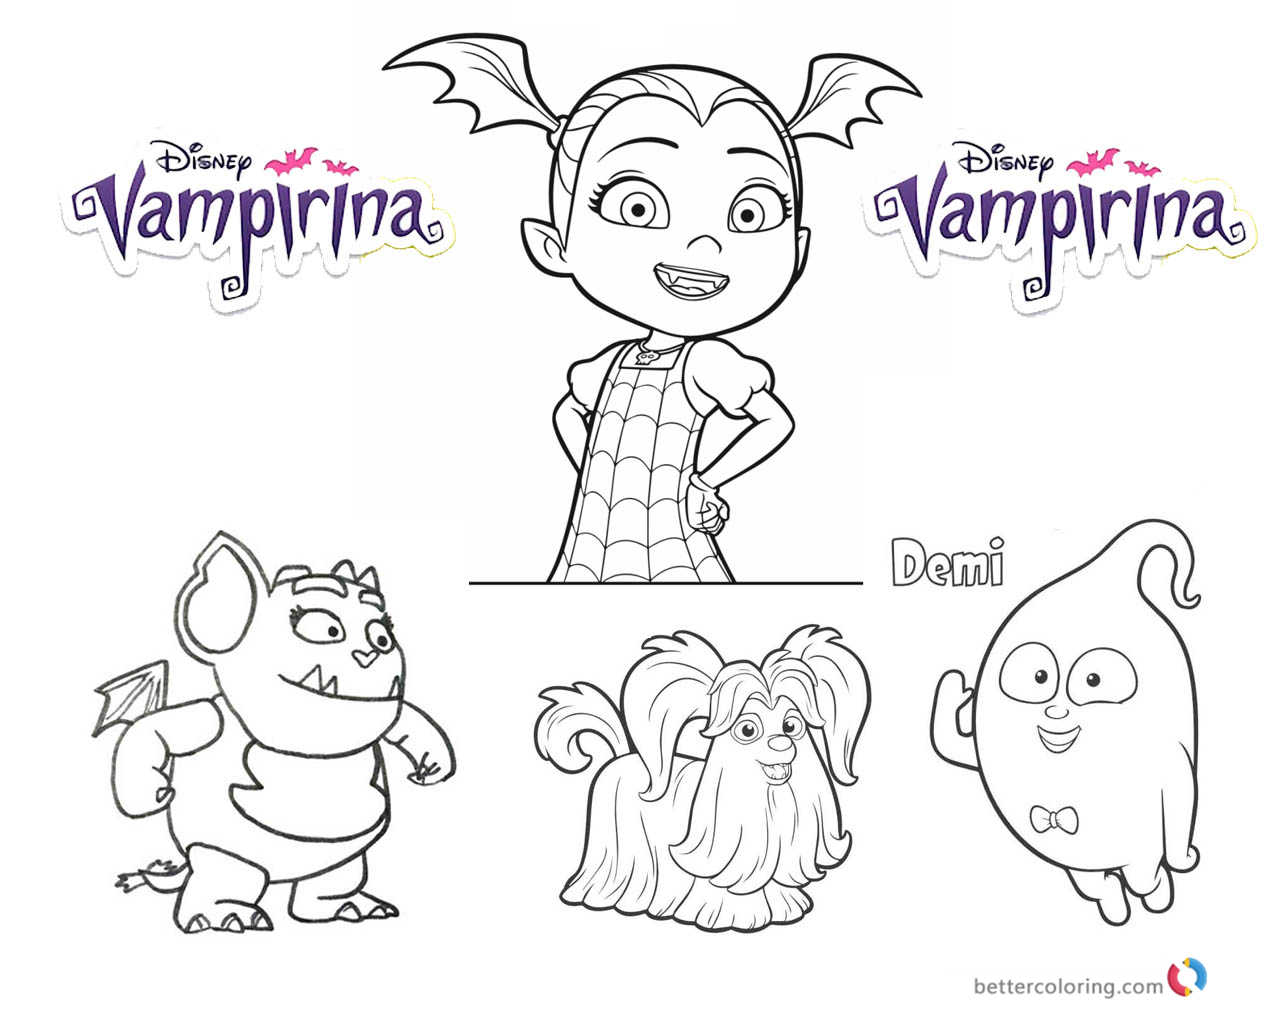 vampirina coloring pages vampirina and cute characters free printable coloring pages - Vampirina Coloring Pages